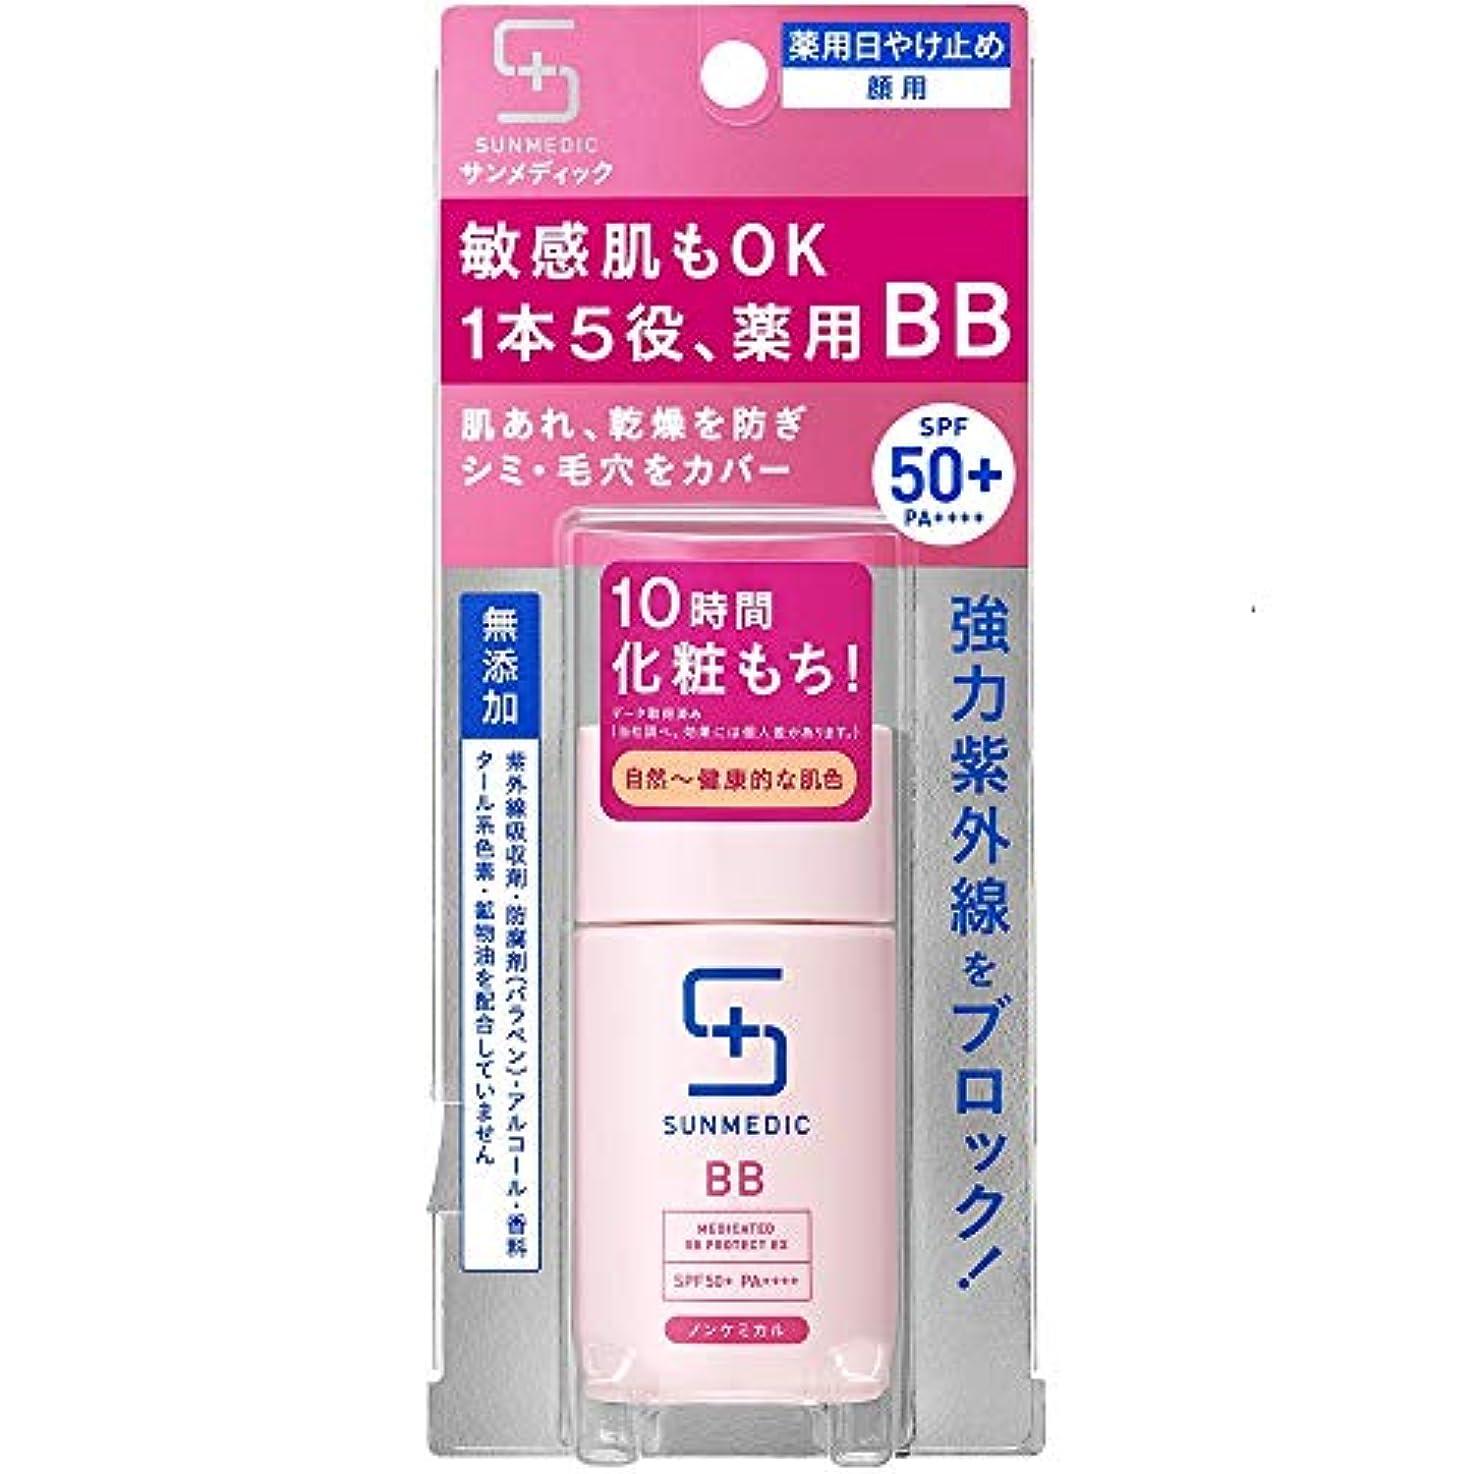 ゲストアッパー宇宙飛行士サンメディックUV 薬用BBプロテクトEX ナチュラル 30ml (医薬部外品)